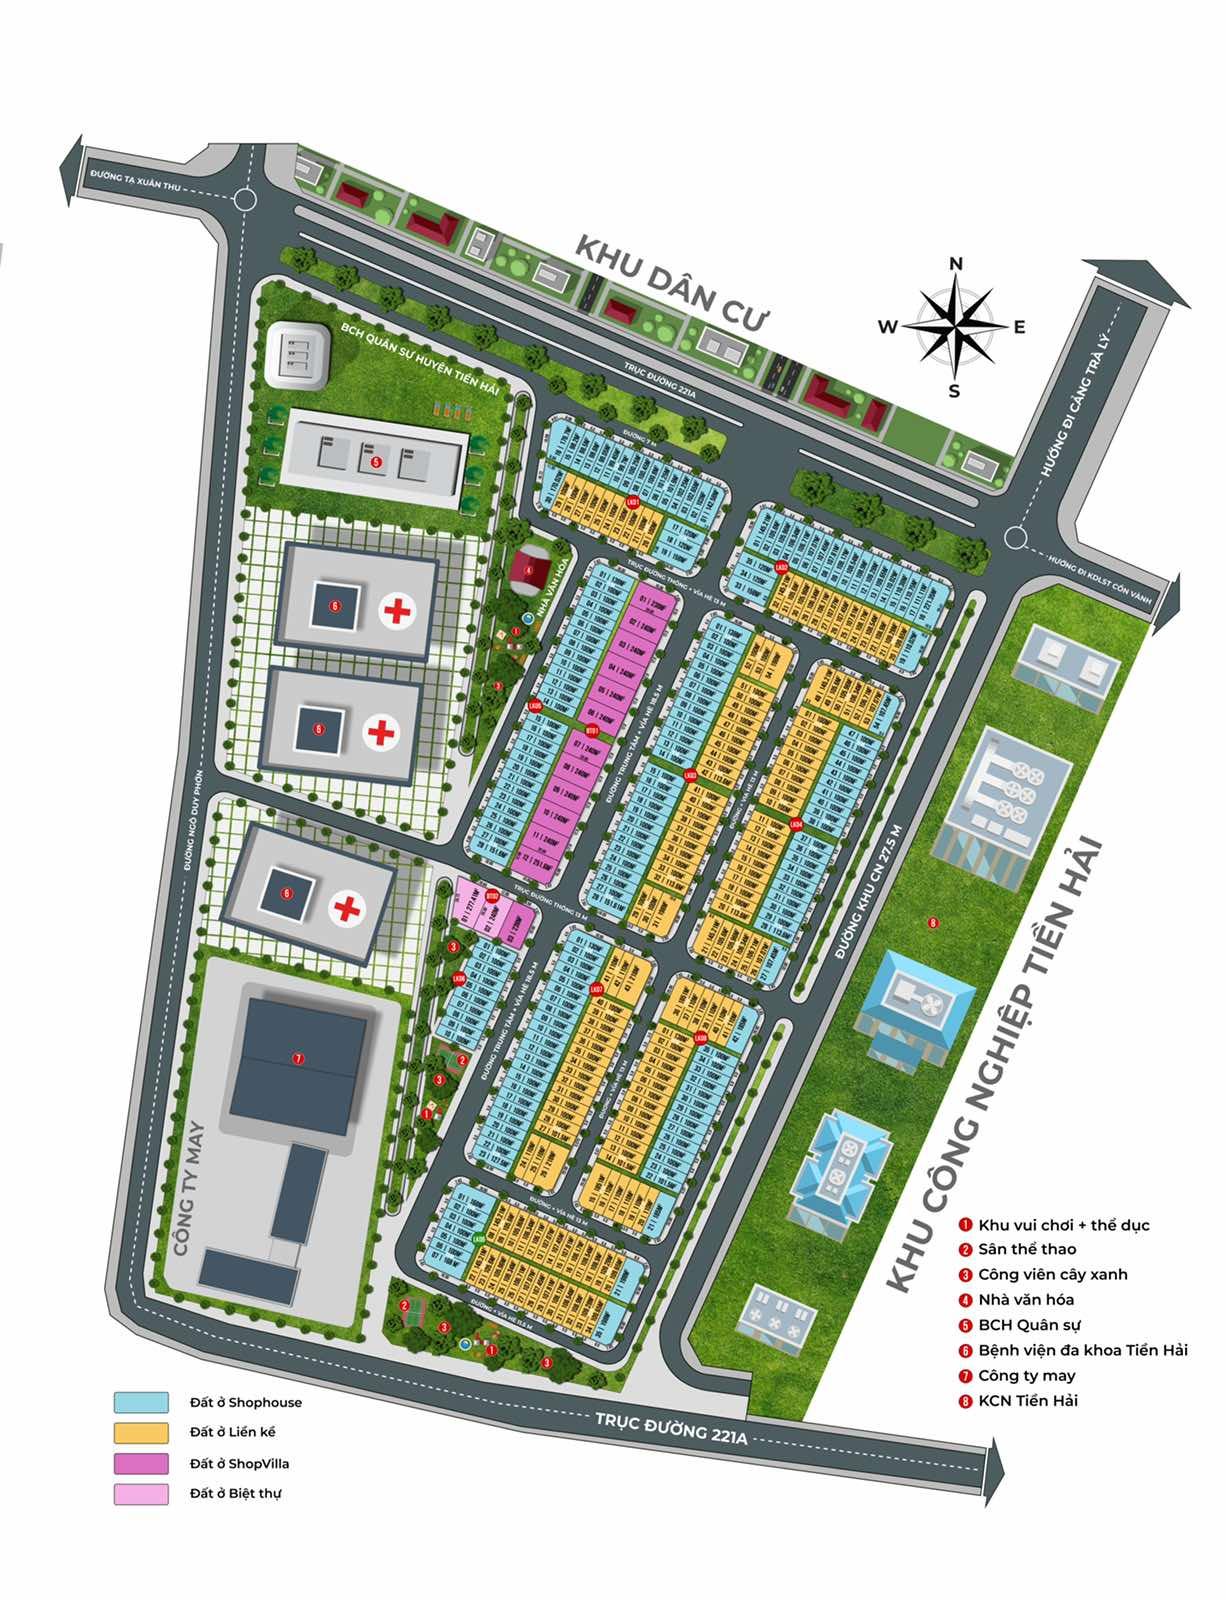 Mặt bằng phân lô cập nhật tháng 5/2021 Dự án Tiền Hải Center City Thái Bình